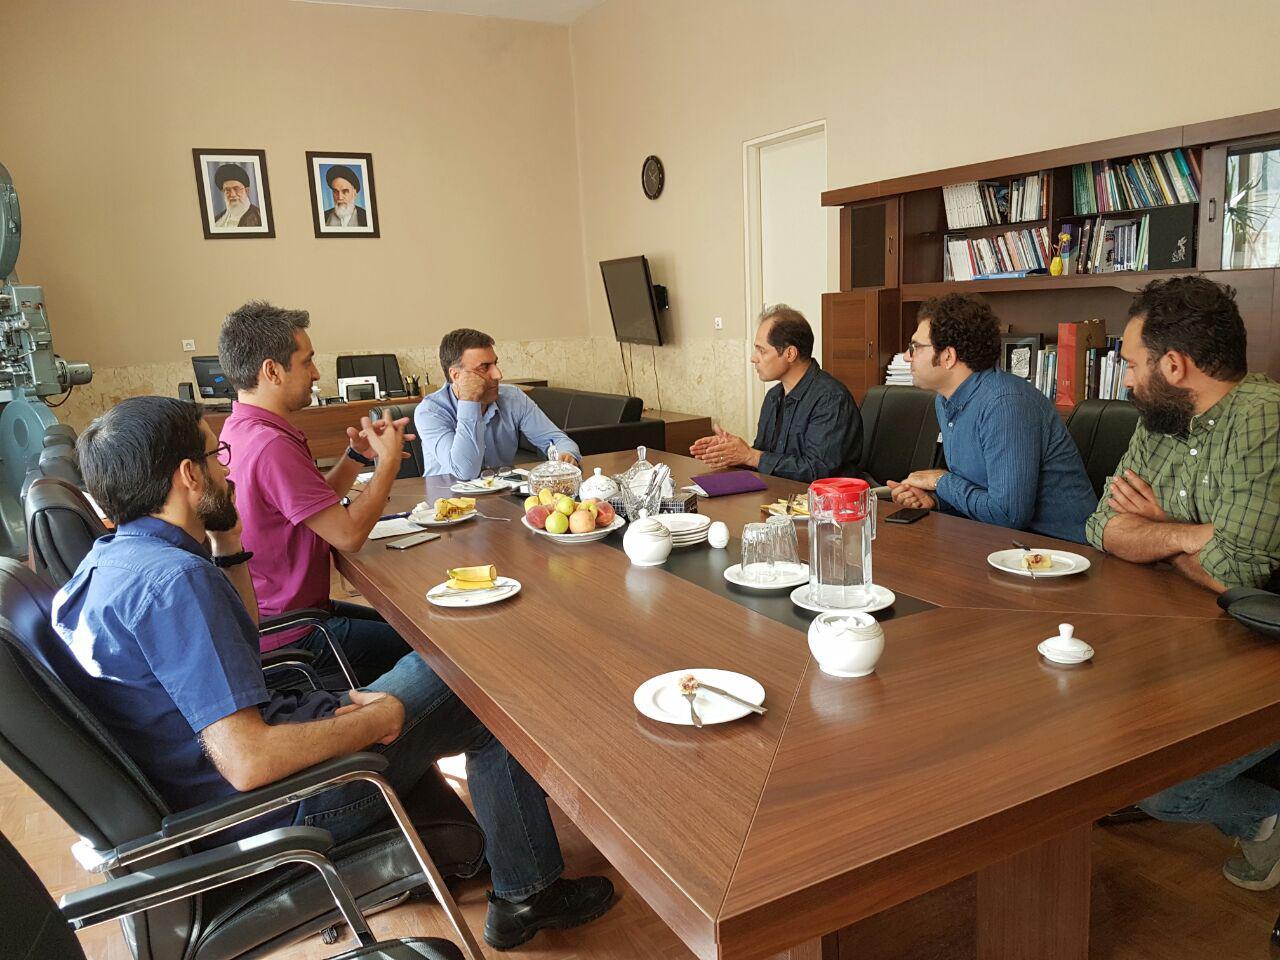 دیدار دبیر جشنواره فیلم فجر با هیئت مدیره انجمن فیلم کوتاه